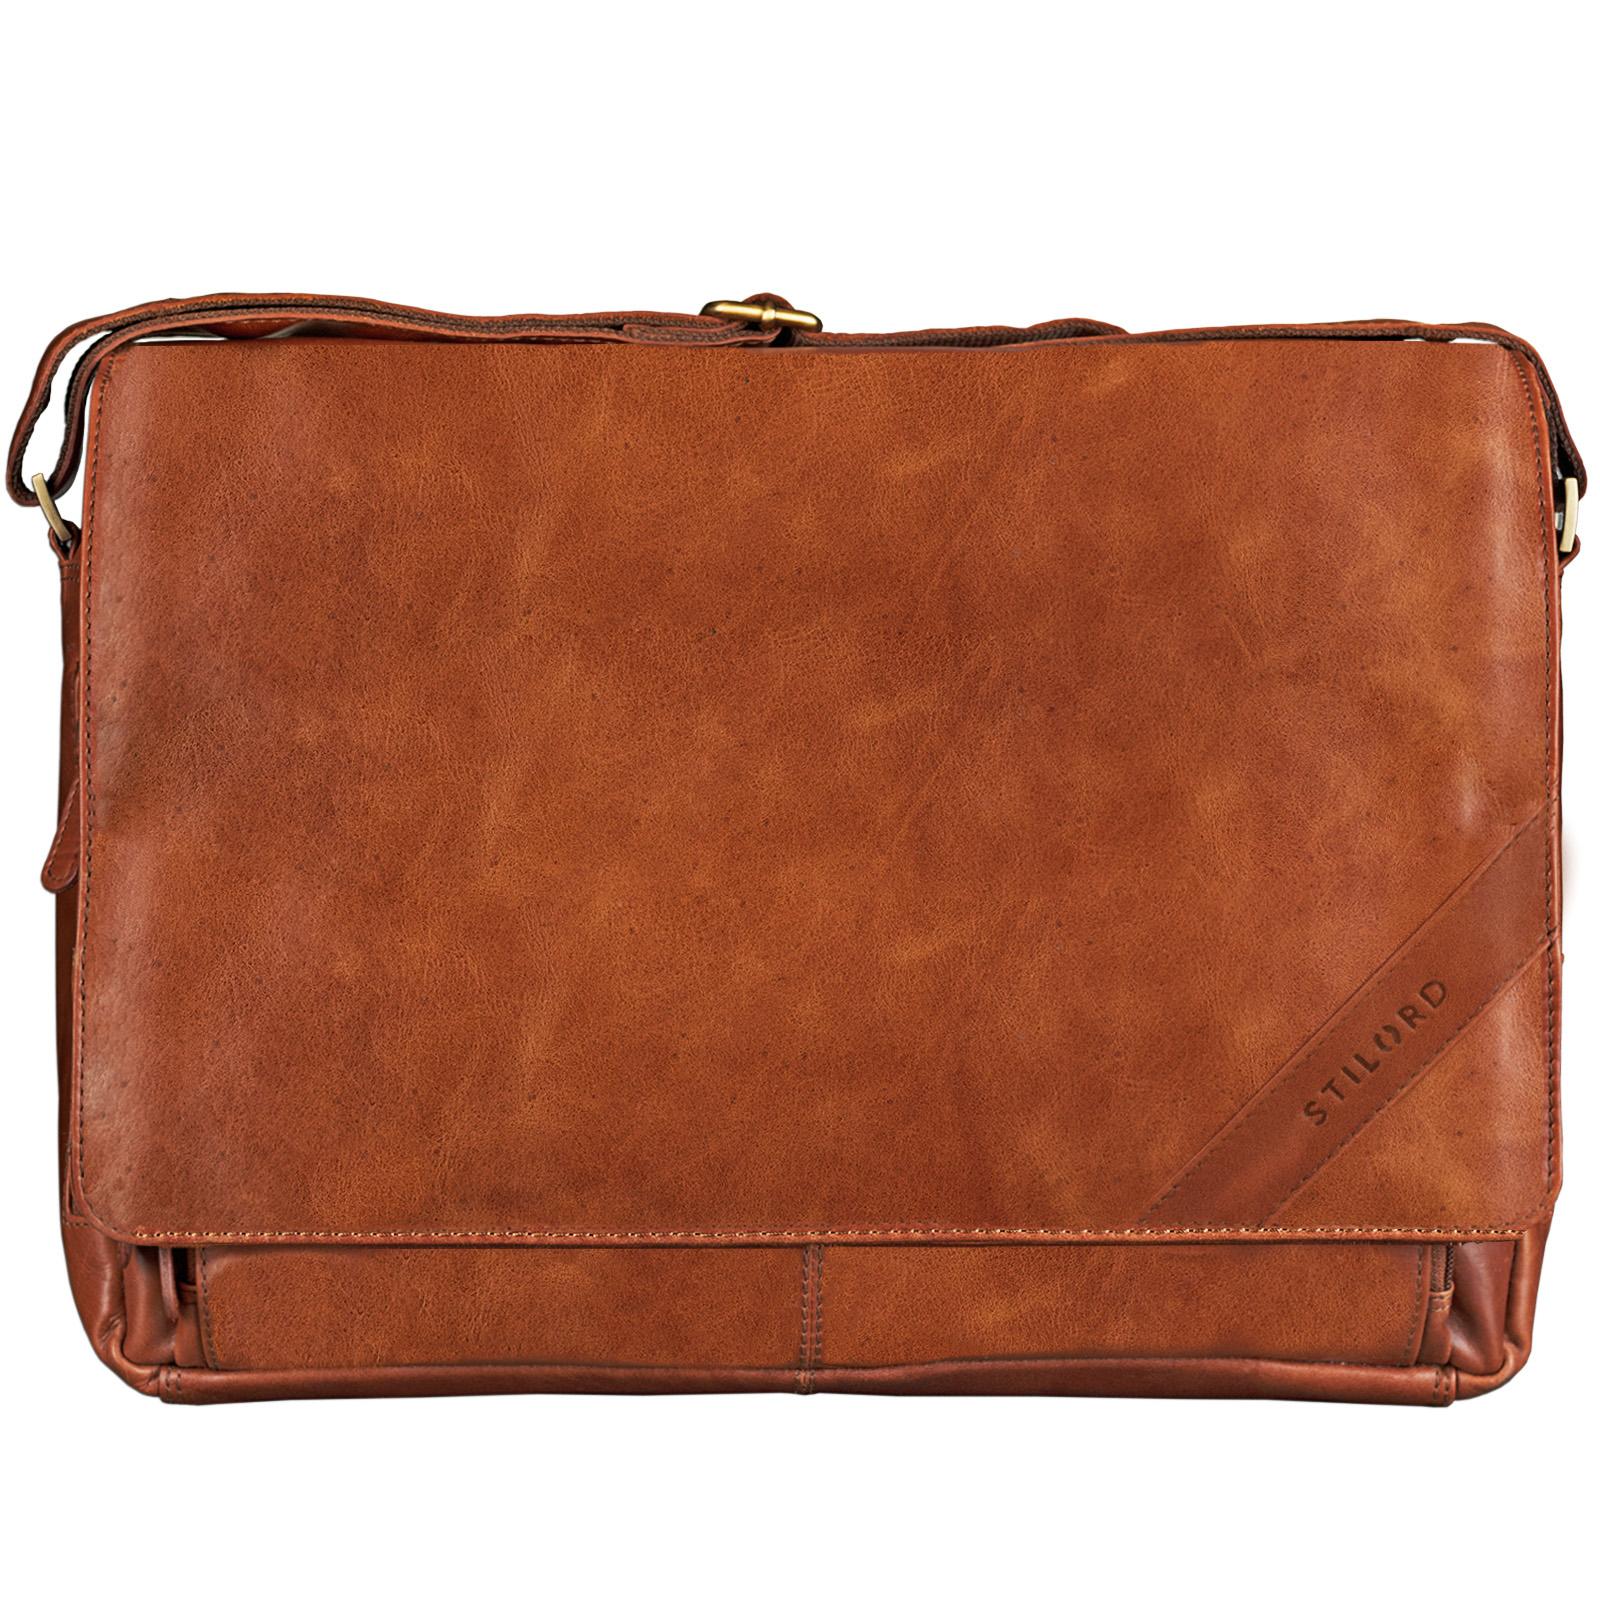 """STILORD """"Nick"""" Umhängetasche Leder Herren Damen Unitasche 15.6 Zoll Laptoptasche Aktentasche Bürotasche Vintage Büffel-Leder - Bild 3"""